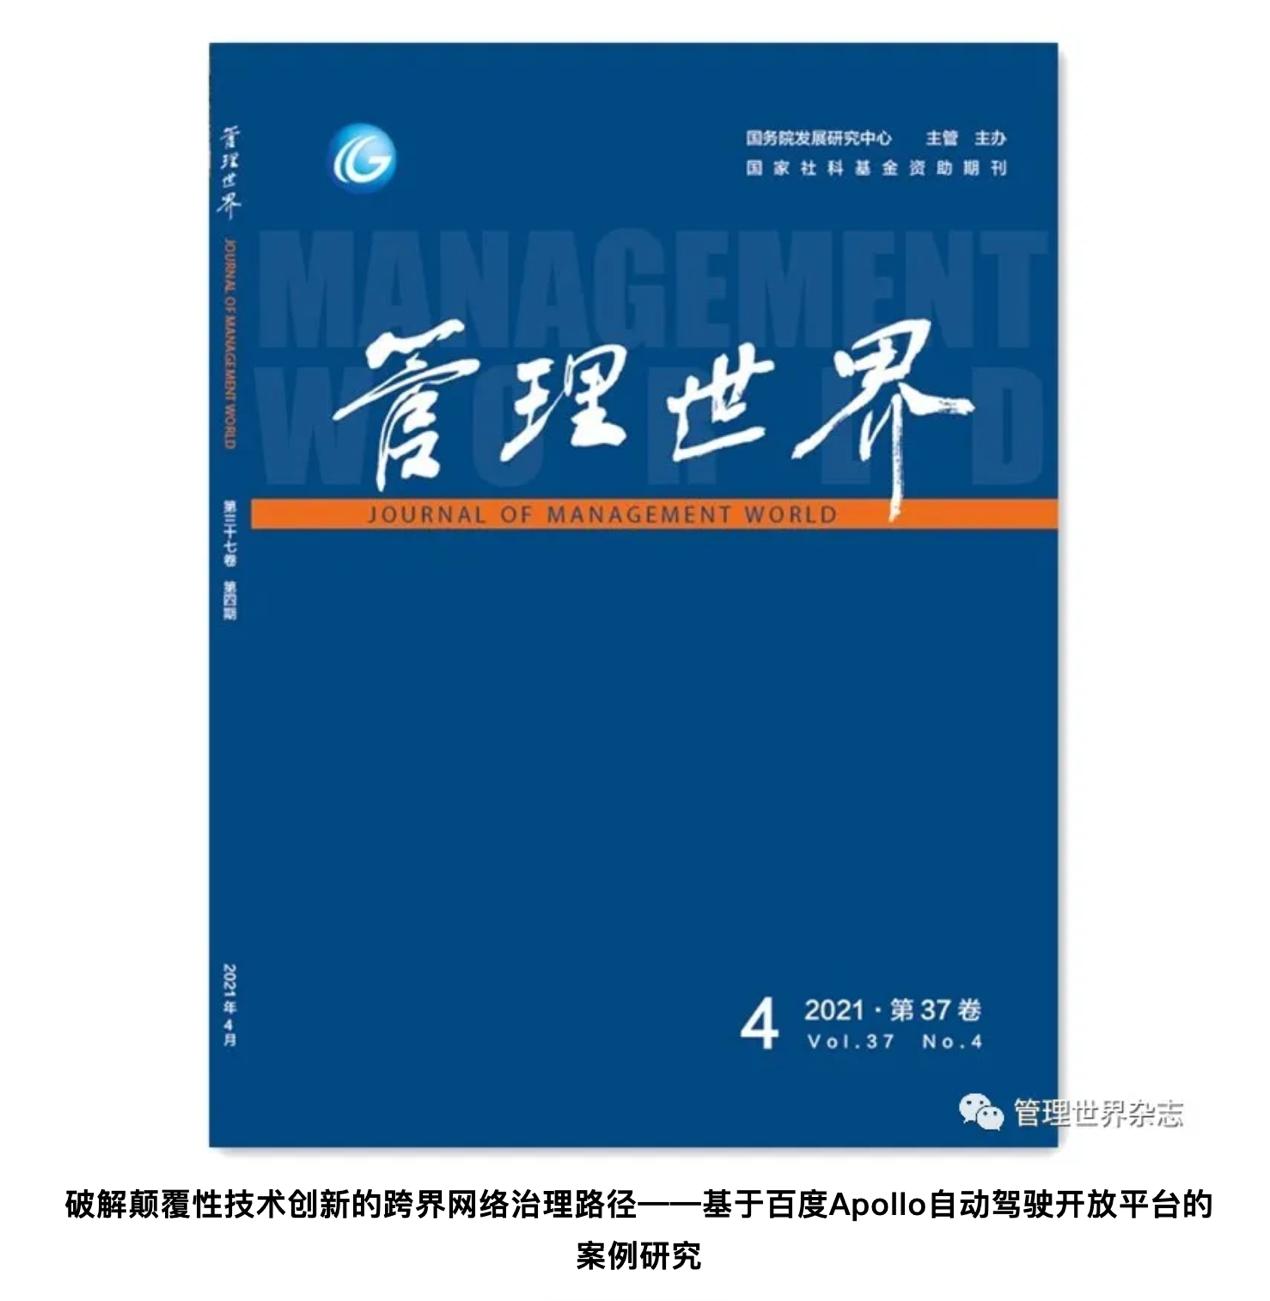 入选《管理世界》研究案例,百度Apollo成中国智能汽车行业变革者